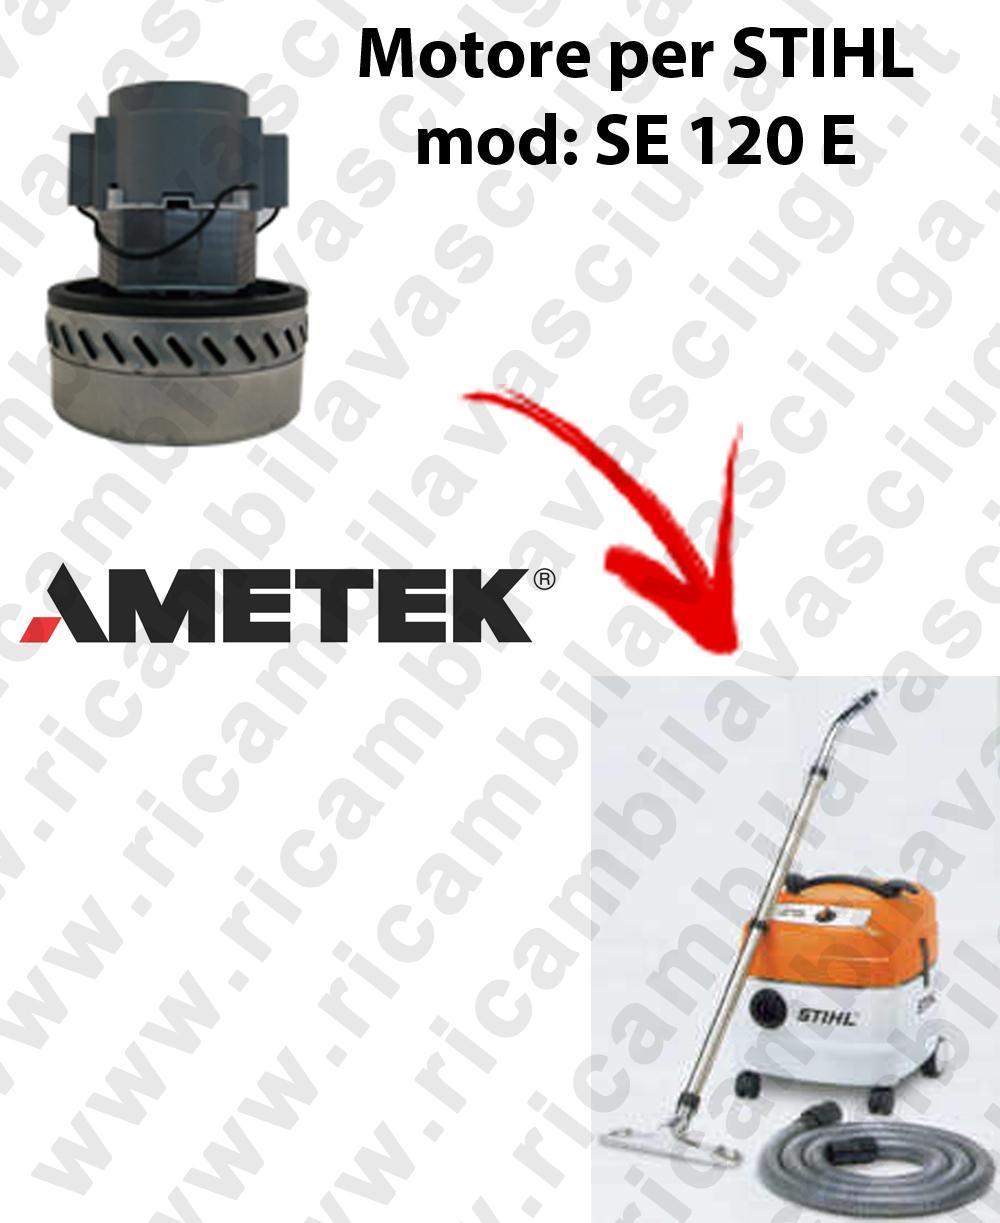 SE 120 ünd Saugmotor AMETEK für Staubsauger STIHL